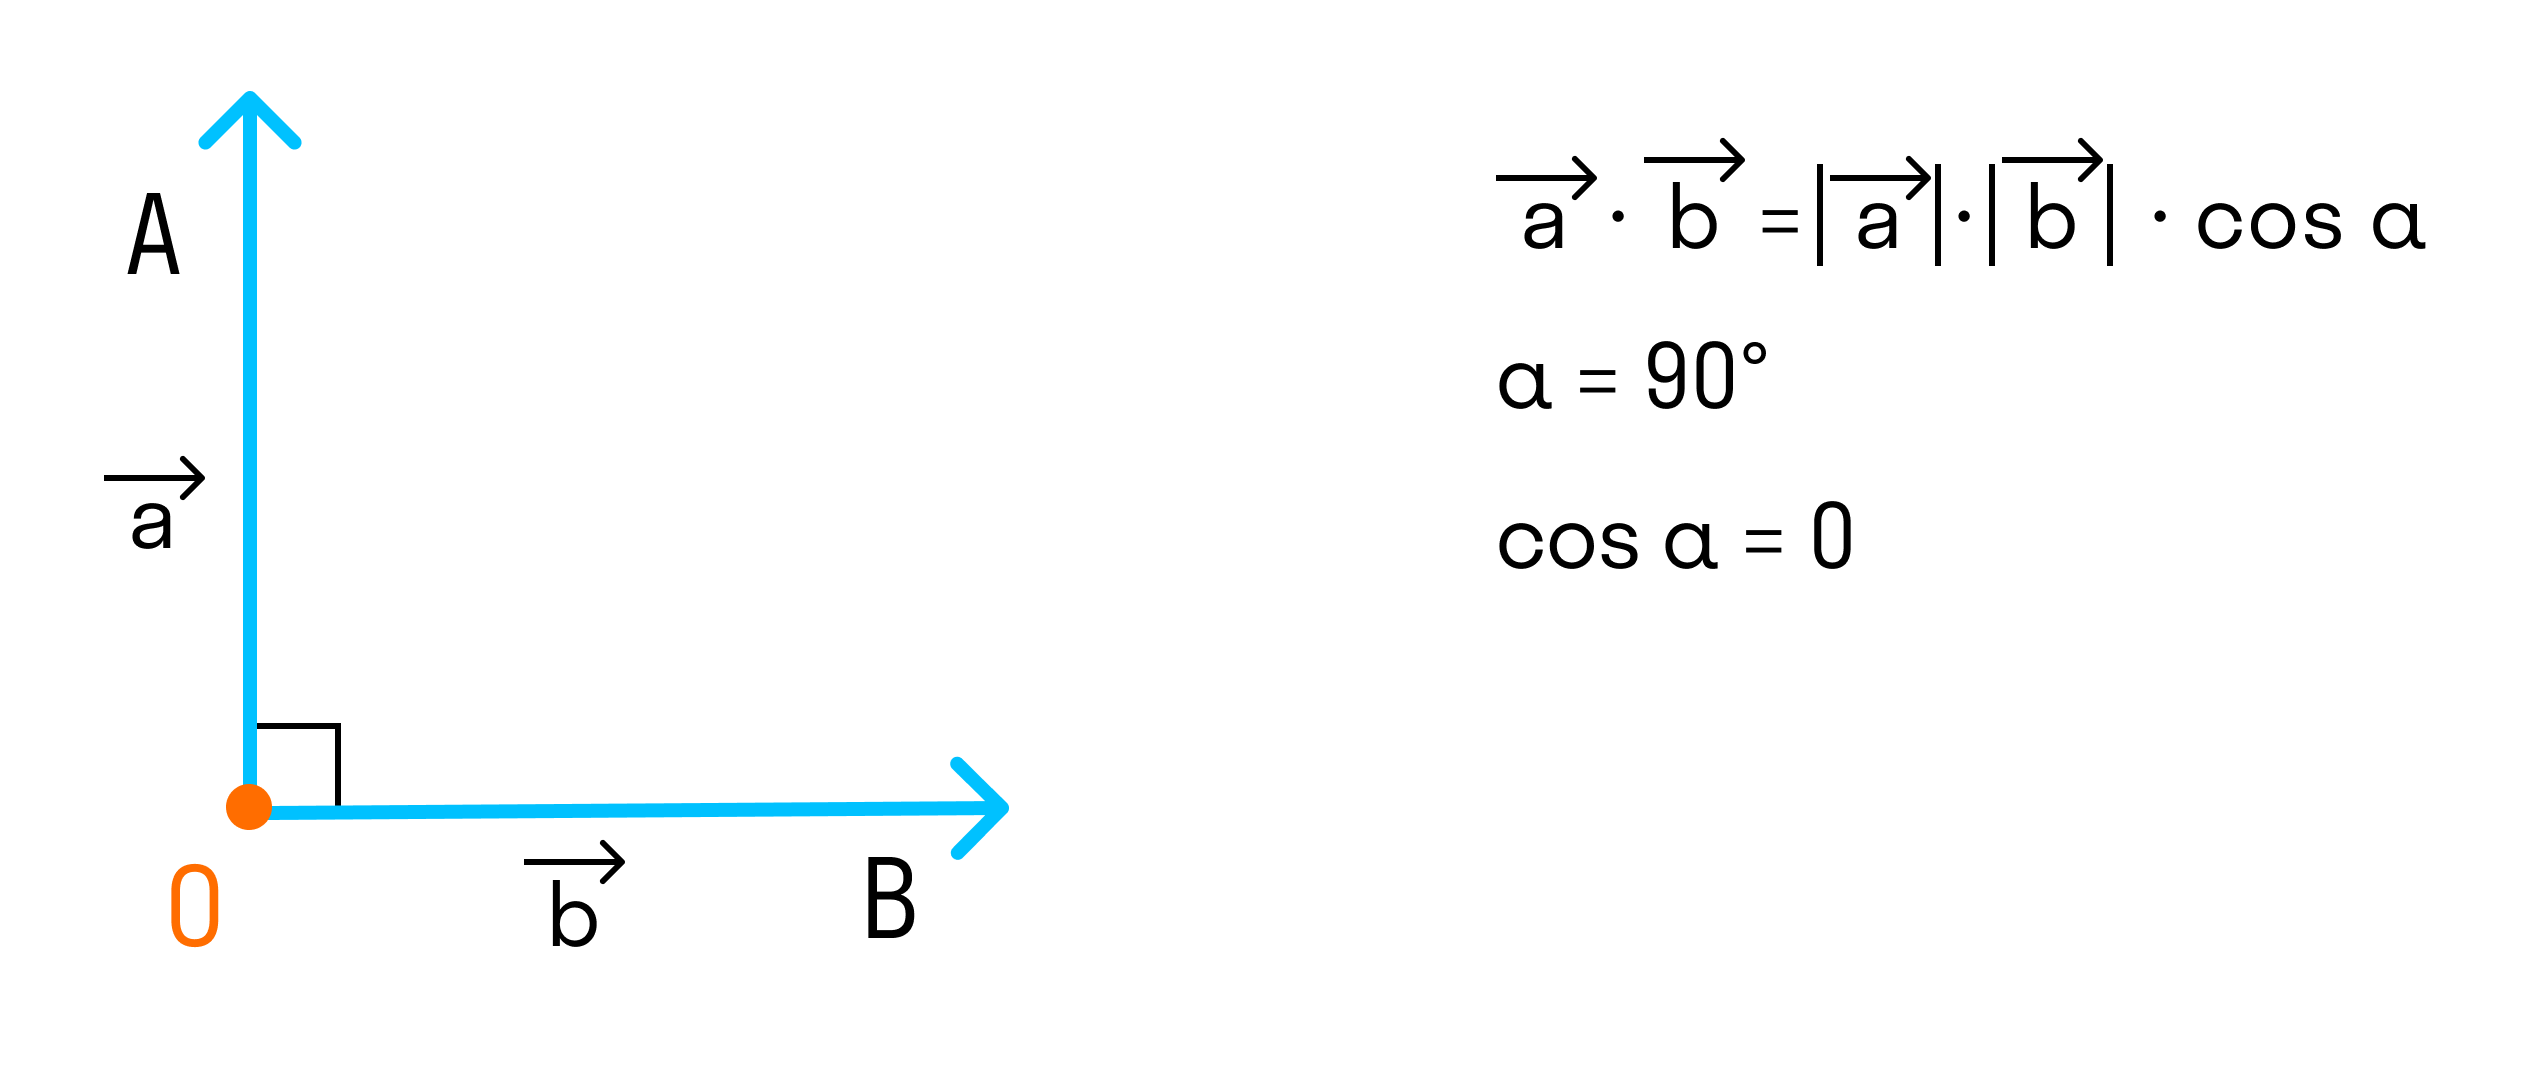 угол между векторами прямой, то скалярное произведение равно 0